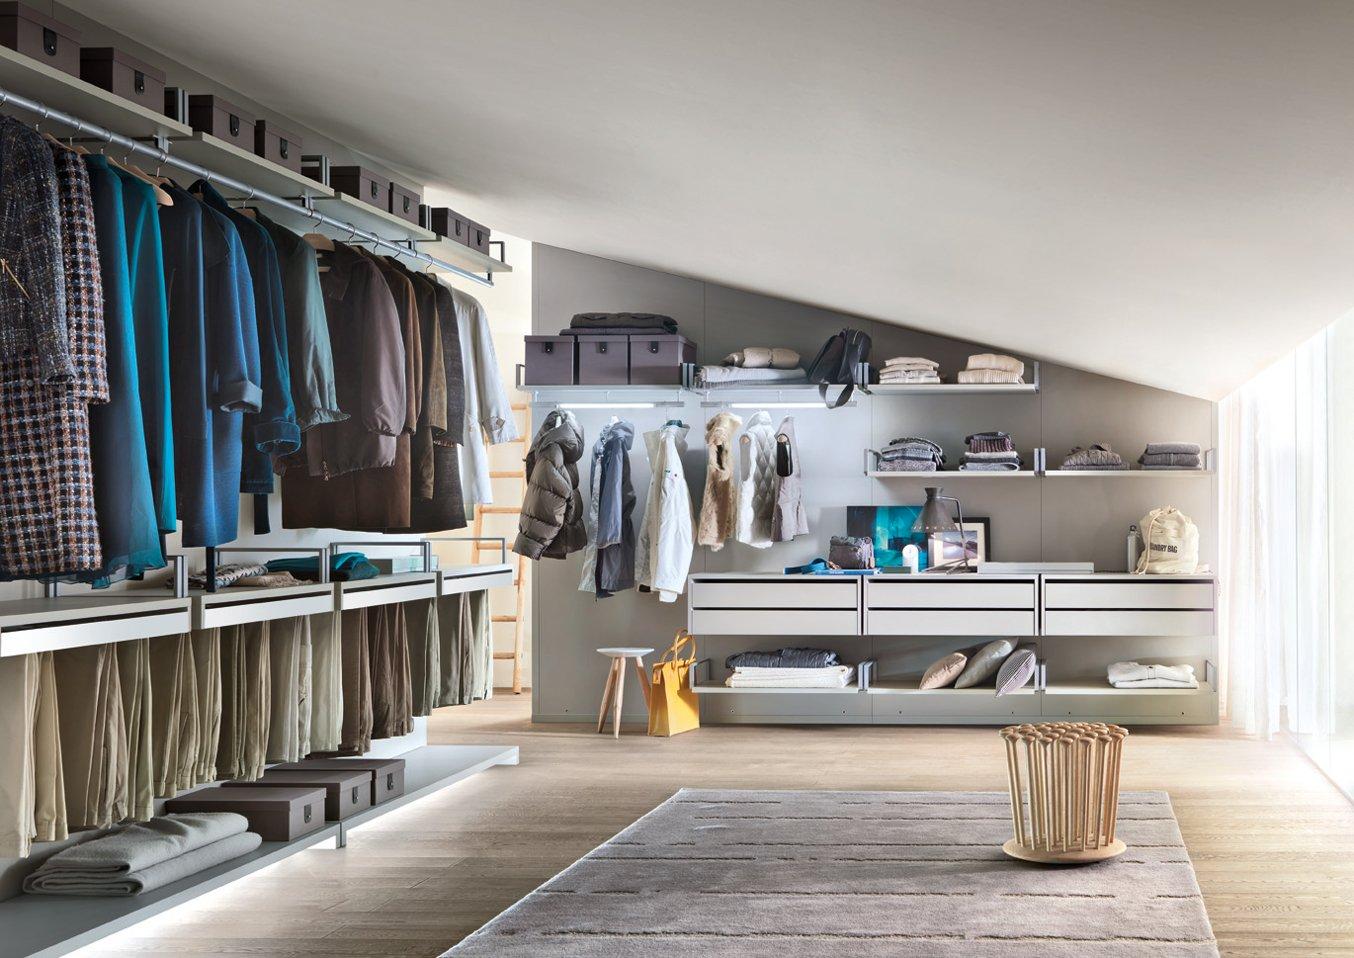 Cabina Armadio Industriale : Una cabina armadio efficiente ed elegante cose di casa